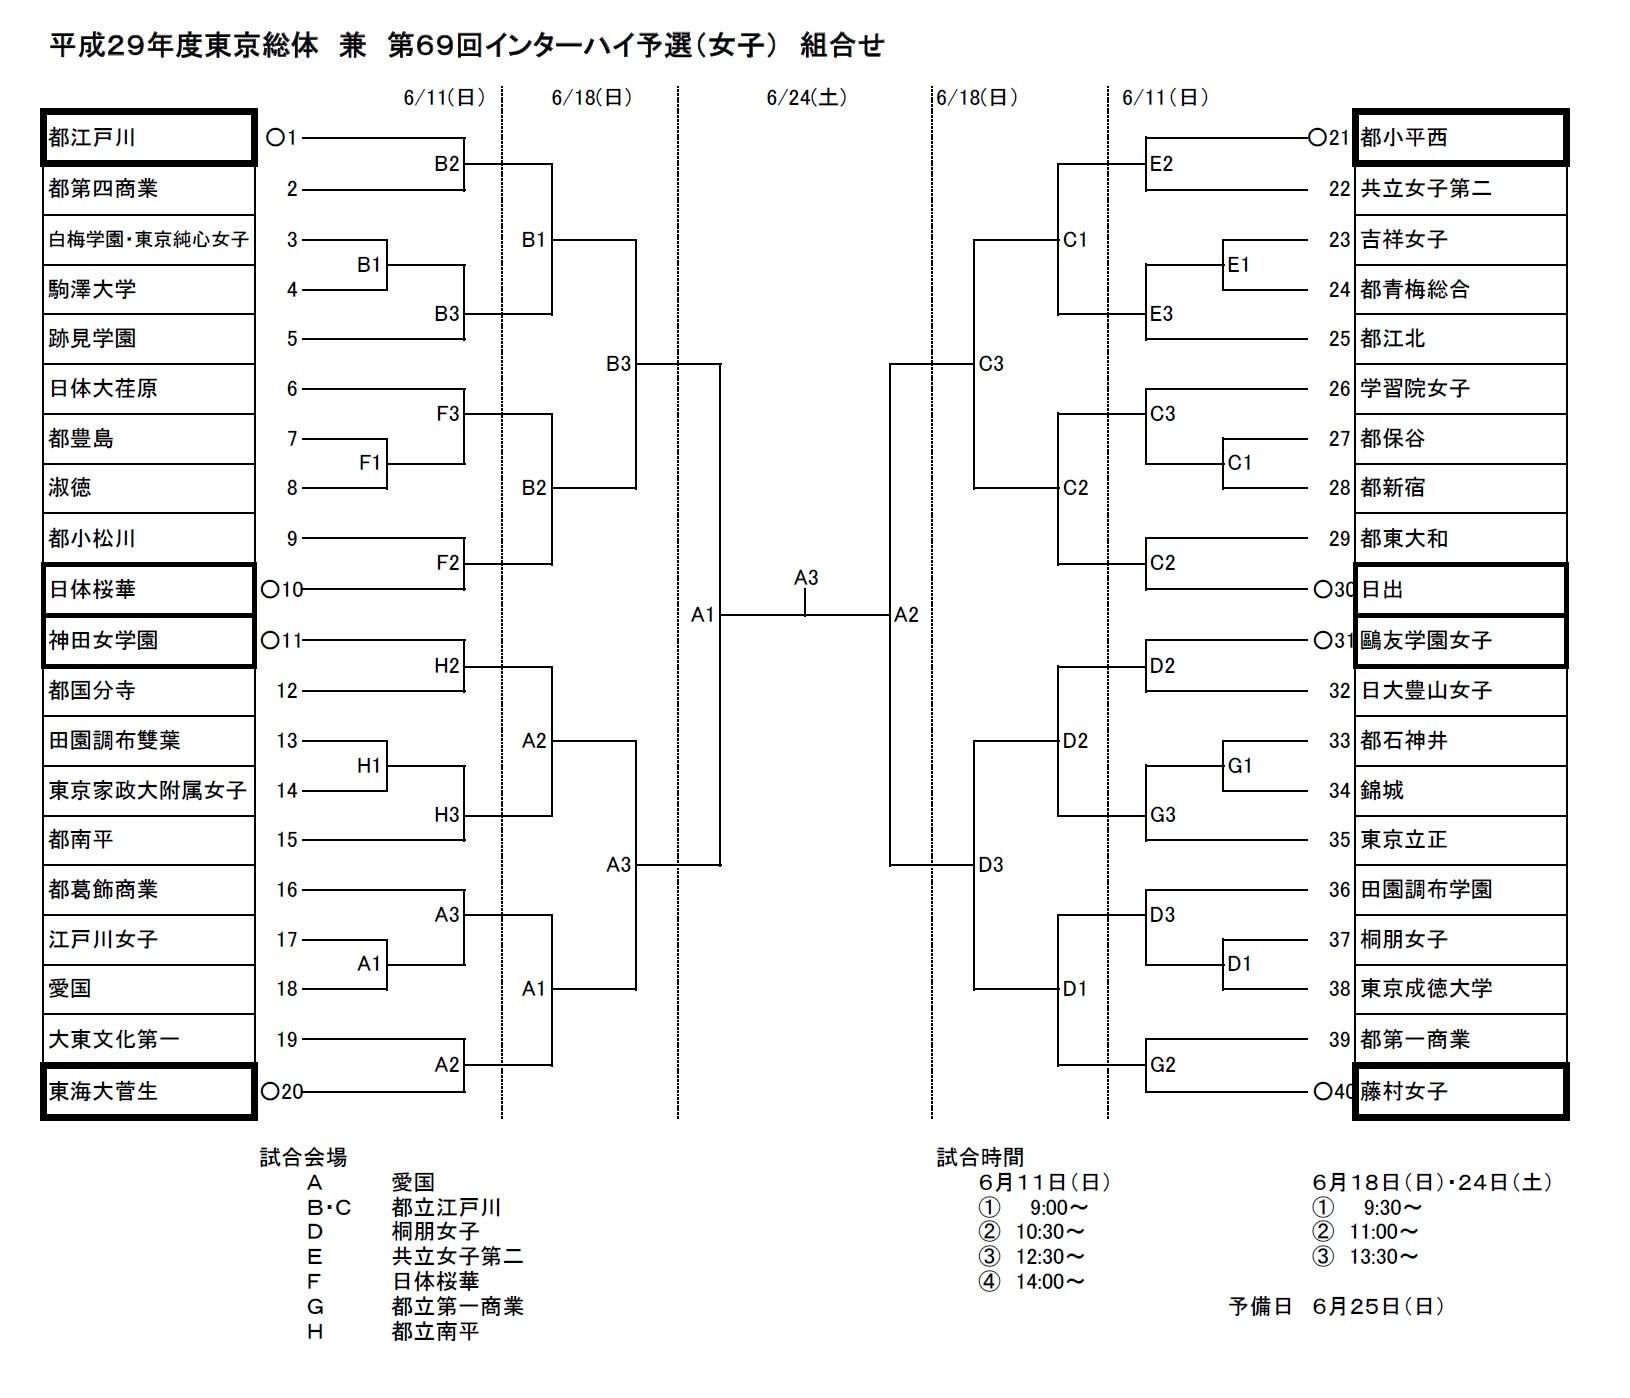 東京都IH予選組み合わせ_b0249247_07264176.jpg